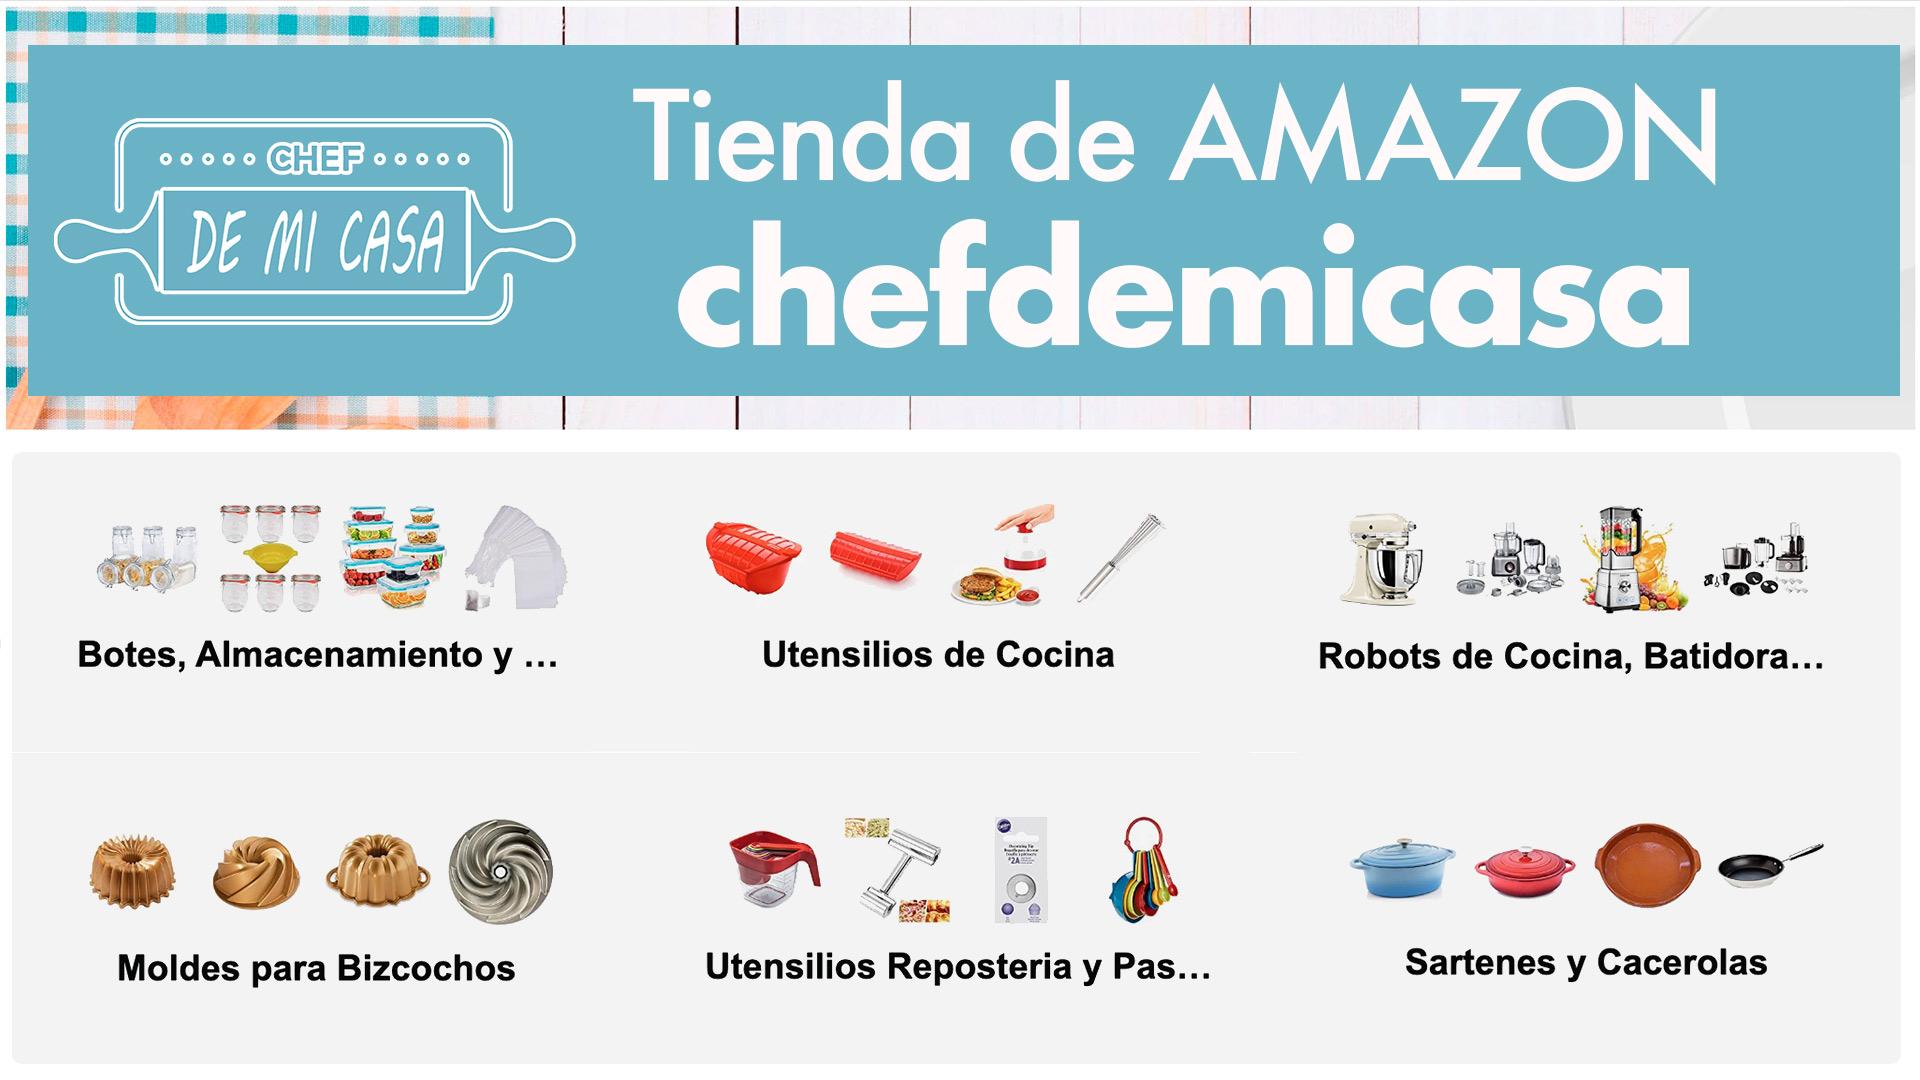 Tienda Amazon Chefdemicasa